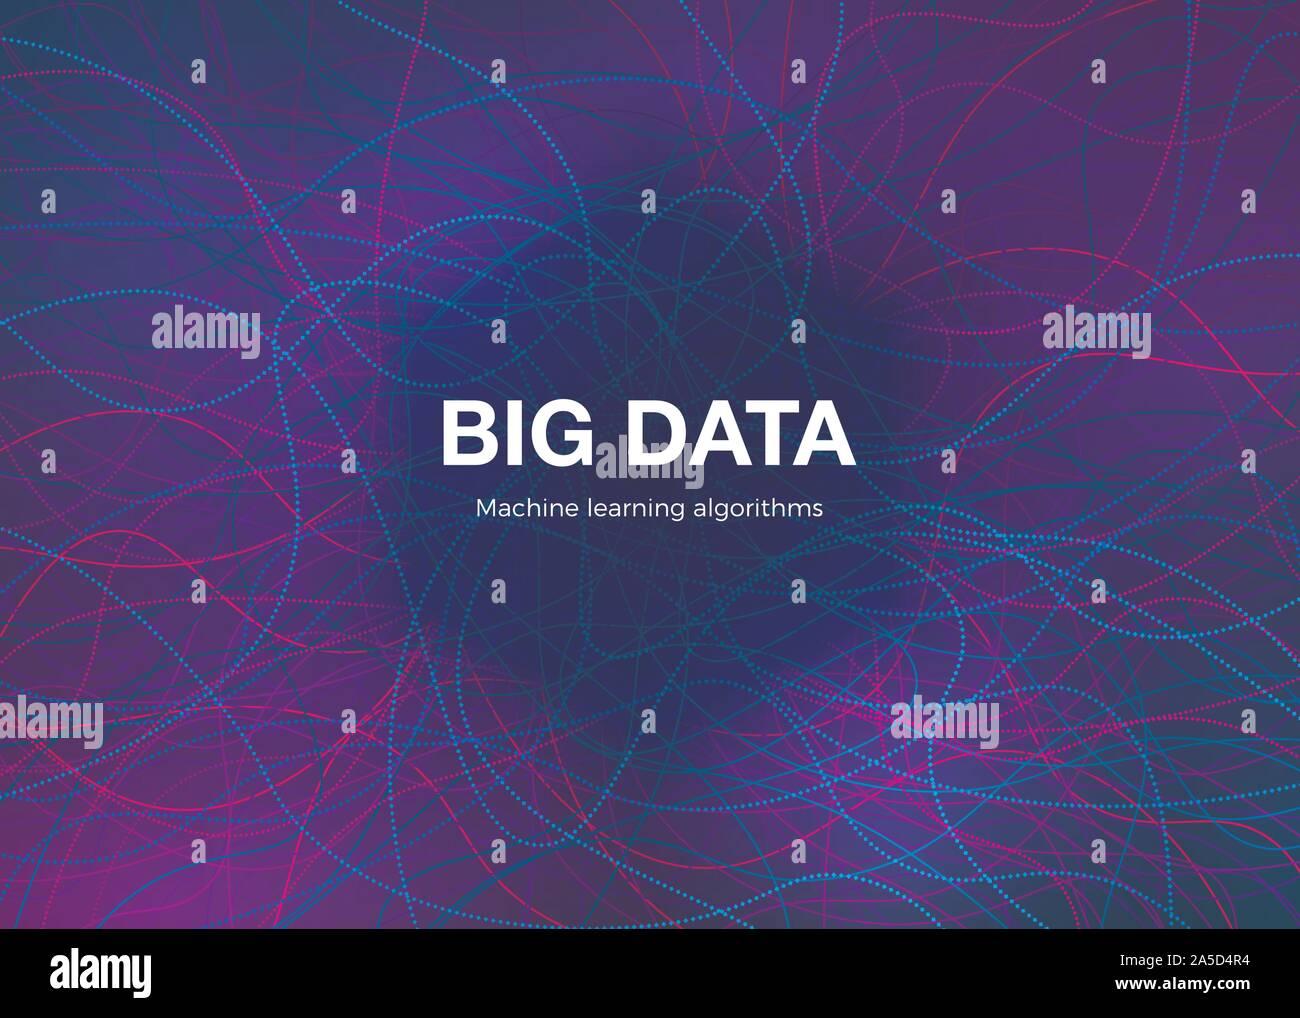 Concept de visualisation des Big Data. Résumé La technologie futuriste et Arrière-plan. La composition de la musique des vagues. Vector Illustration de Vecteur